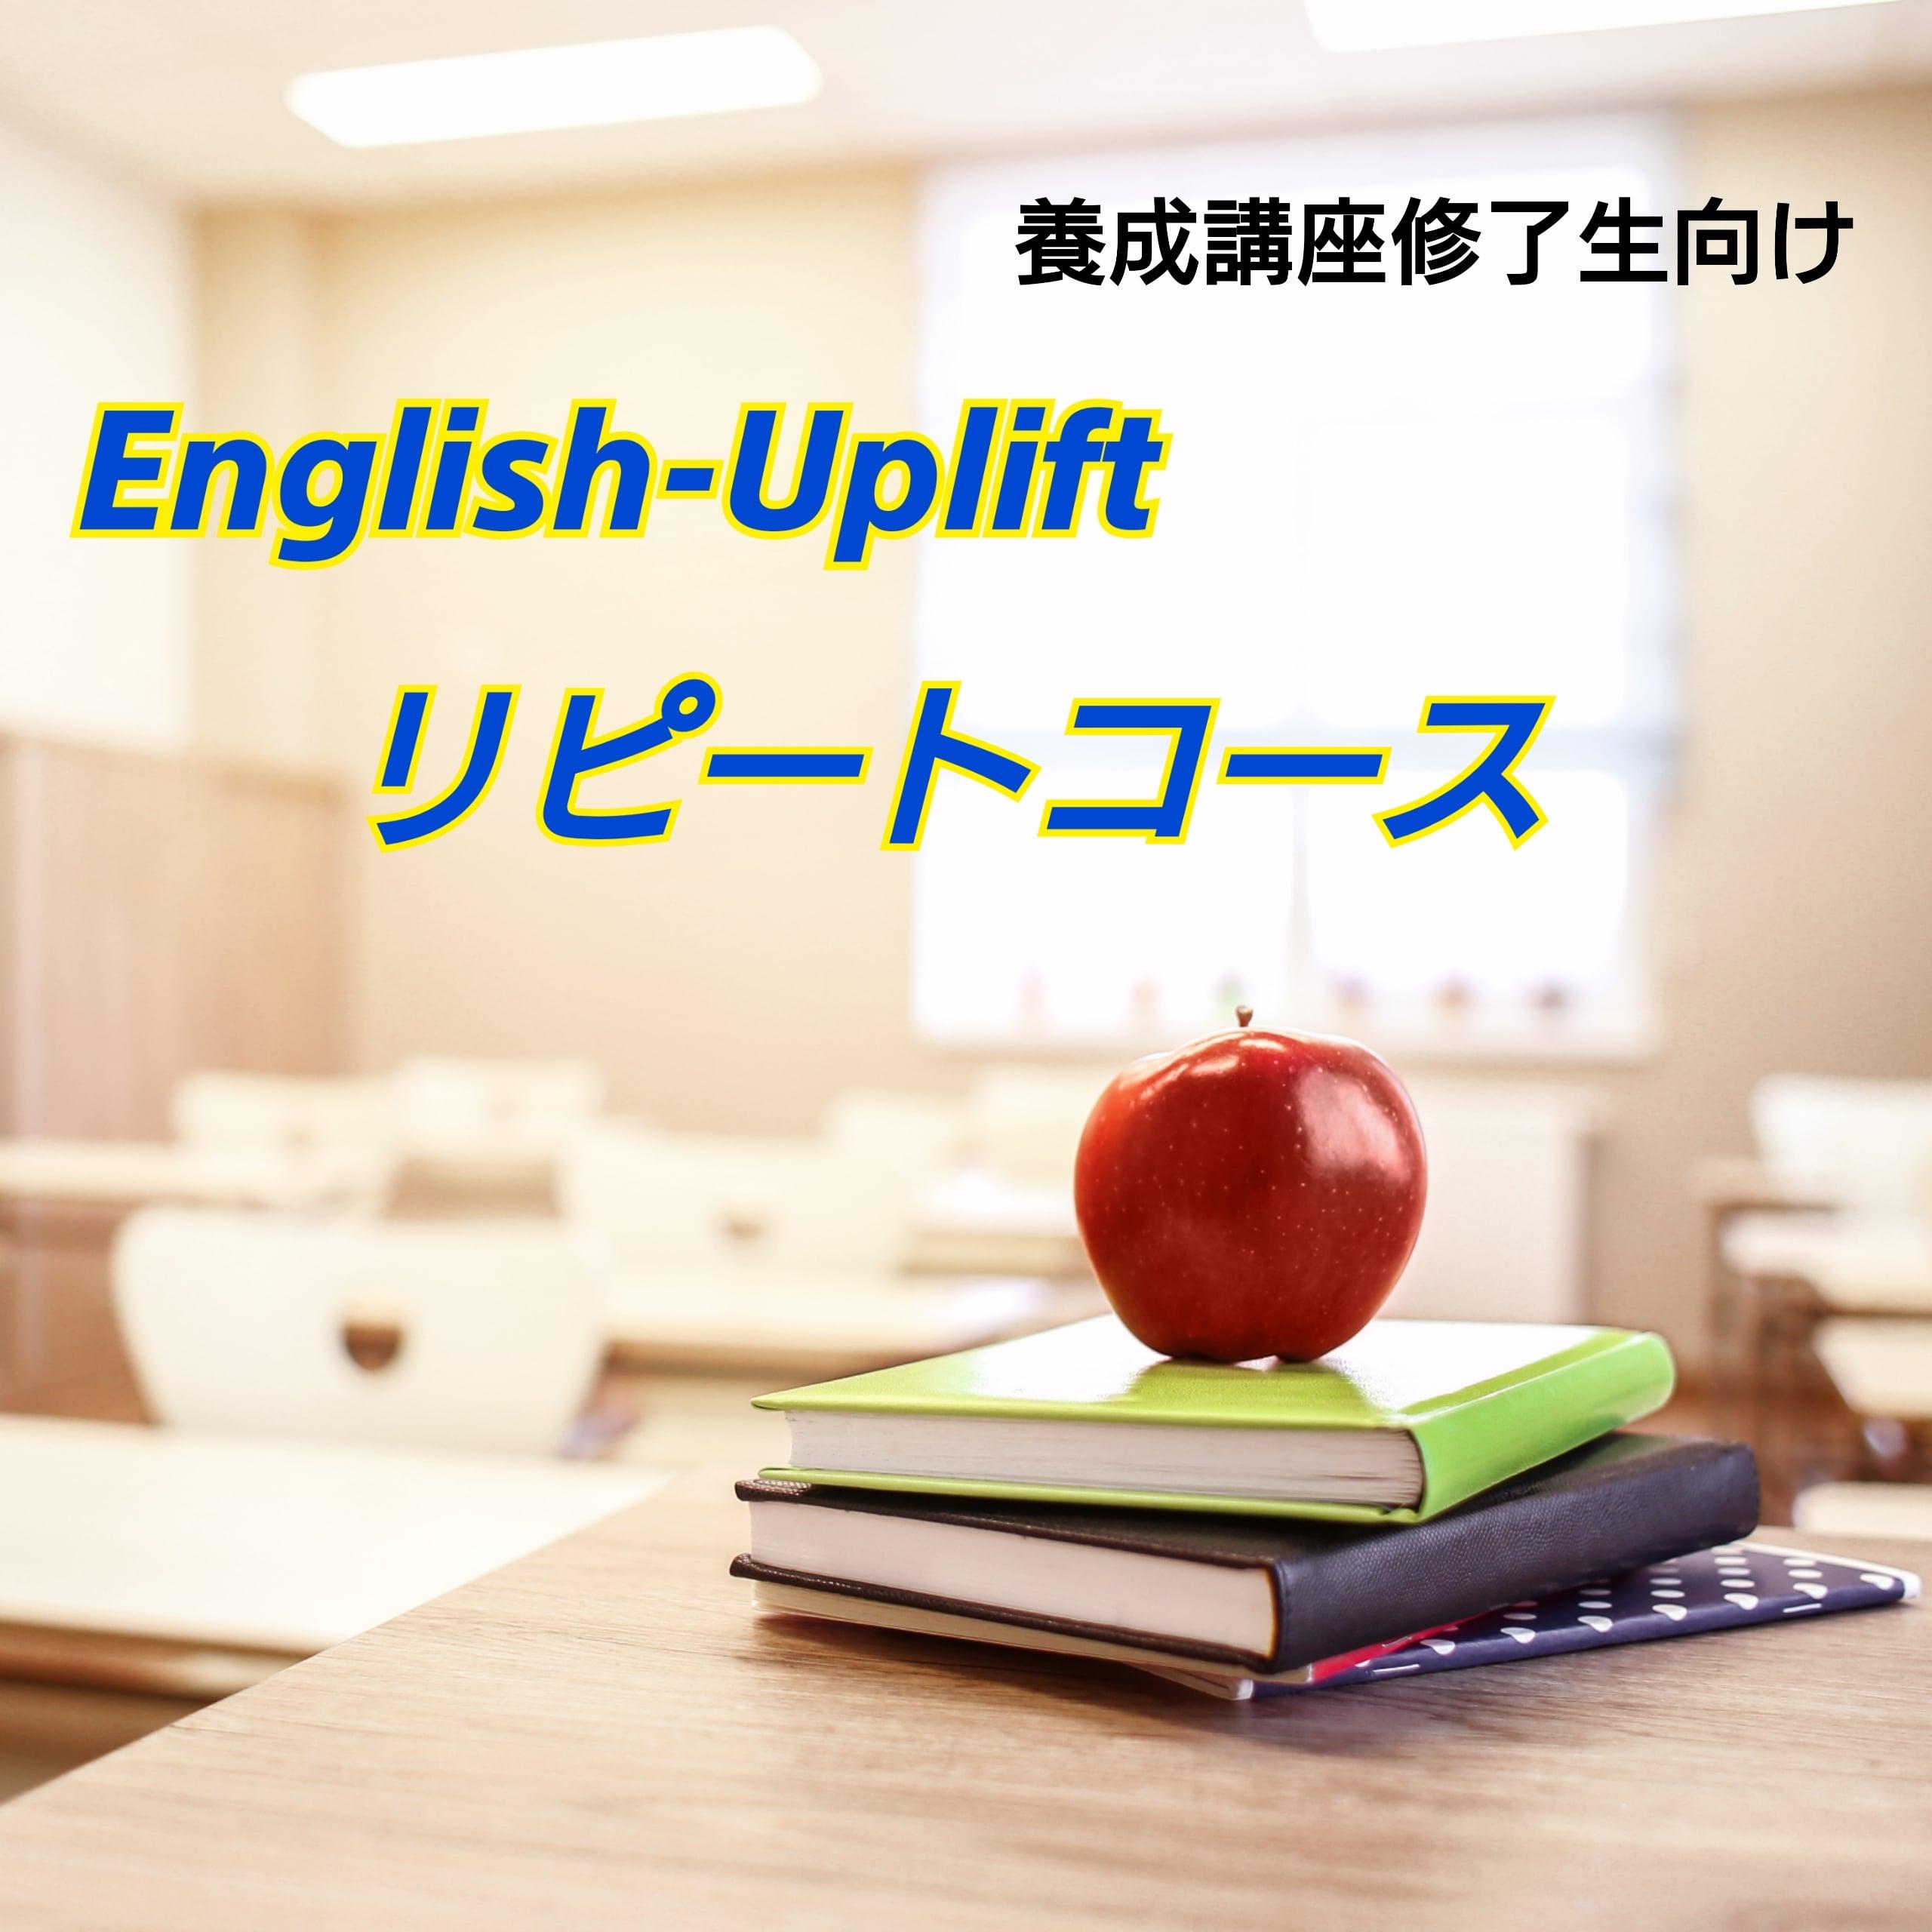 English-Uplift・リピートコースのイメージその1